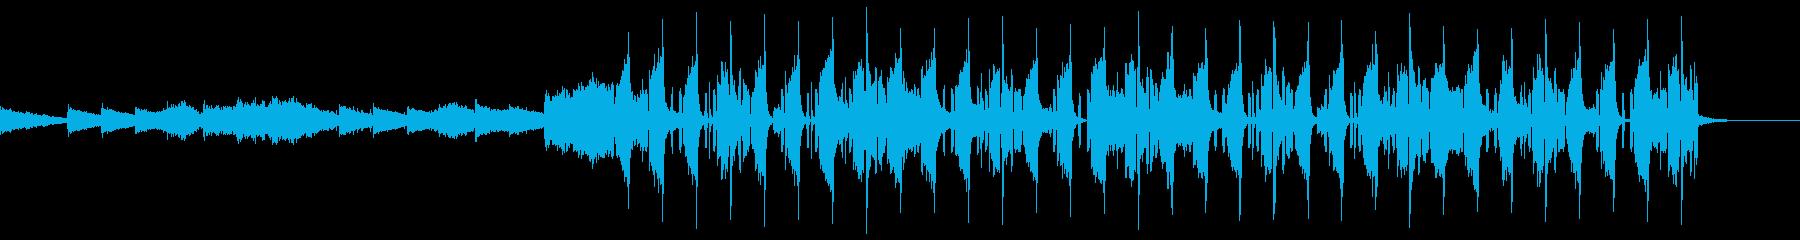 切ない変則ビートの再生済みの波形